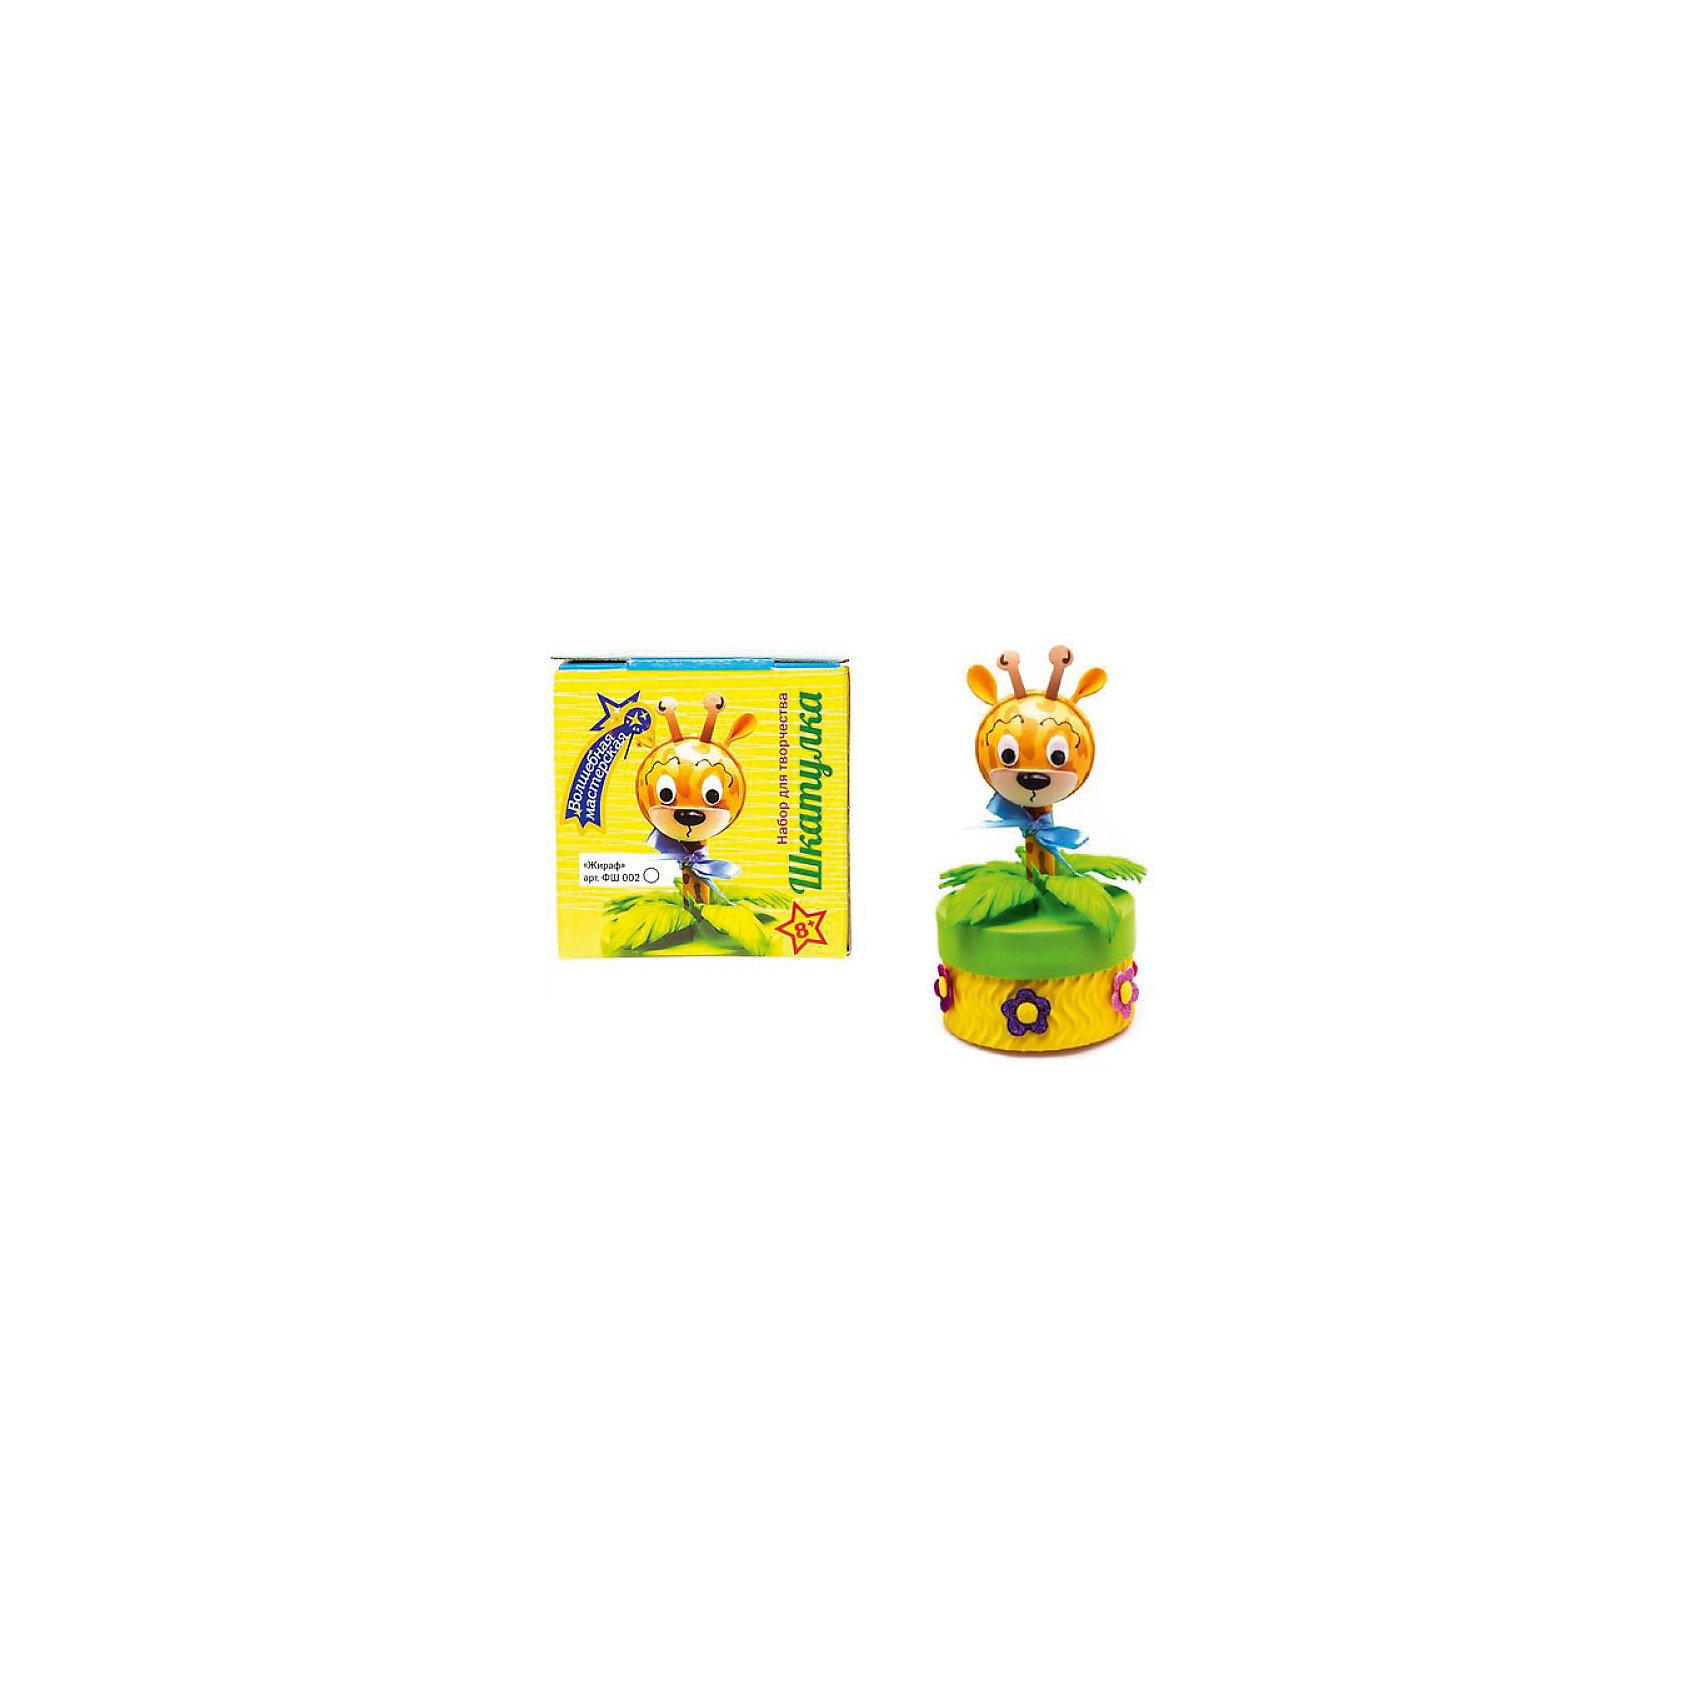 Набор для творчества Раскрась и укрась шкатулку стразами - Жираф, Волшебная мастерскаяРисование<br>Набор для творчества Раскрась и укрась шкатулку стразами - Жираф, Волшебная мастерская <br><br>Характеристики:<br><br>• Возраст: от 8 лет<br>• Материал: пластик, полимер, резина<br>• В комплекте: шар, заготовка для шкатулки, резина EVA, глазки, лента, зубочистки, клей, выкройка, инструкция<br>• Размер: 120х120х120 мм<br>• Вес: 500г<br><br>Этот набор для творчества позволит вашему ребенку создать очаровательную шкатулку с изображенным на ней жирафом. Для украшения можно использовать стразы из набора или любой другой творческий инструмент – все ограниченно лишь вашим желанием и воображением! Шкатулка сделана из плотного картона и на нее нанесен контур рисунка, который можно украсить на свое усмотрение. <br><br>У шкатулки имеется магнитный замочек, который удобно открывать и закрывать. В готовой шкатулке можно хранить украшения или любые другие мелочи. Этот набор позволит развить вашему ребенку мелкую моторику и получить замечательную и яркую вещь для хранения в итоге.<br><br>Набор для творчества Раскрась и укрась шкатулку стразами - Жираф, Волшебная мастерская можно купить в нашем интернет-магазине.<br><br>Ширина мм: 120<br>Глубина мм: 120<br>Высота мм: 120<br>Вес г: 500<br>Возраст от месяцев: 96<br>Возраст до месяцев: 2147483647<br>Пол: Женский<br>Возраст: Детский<br>SKU: 5445446